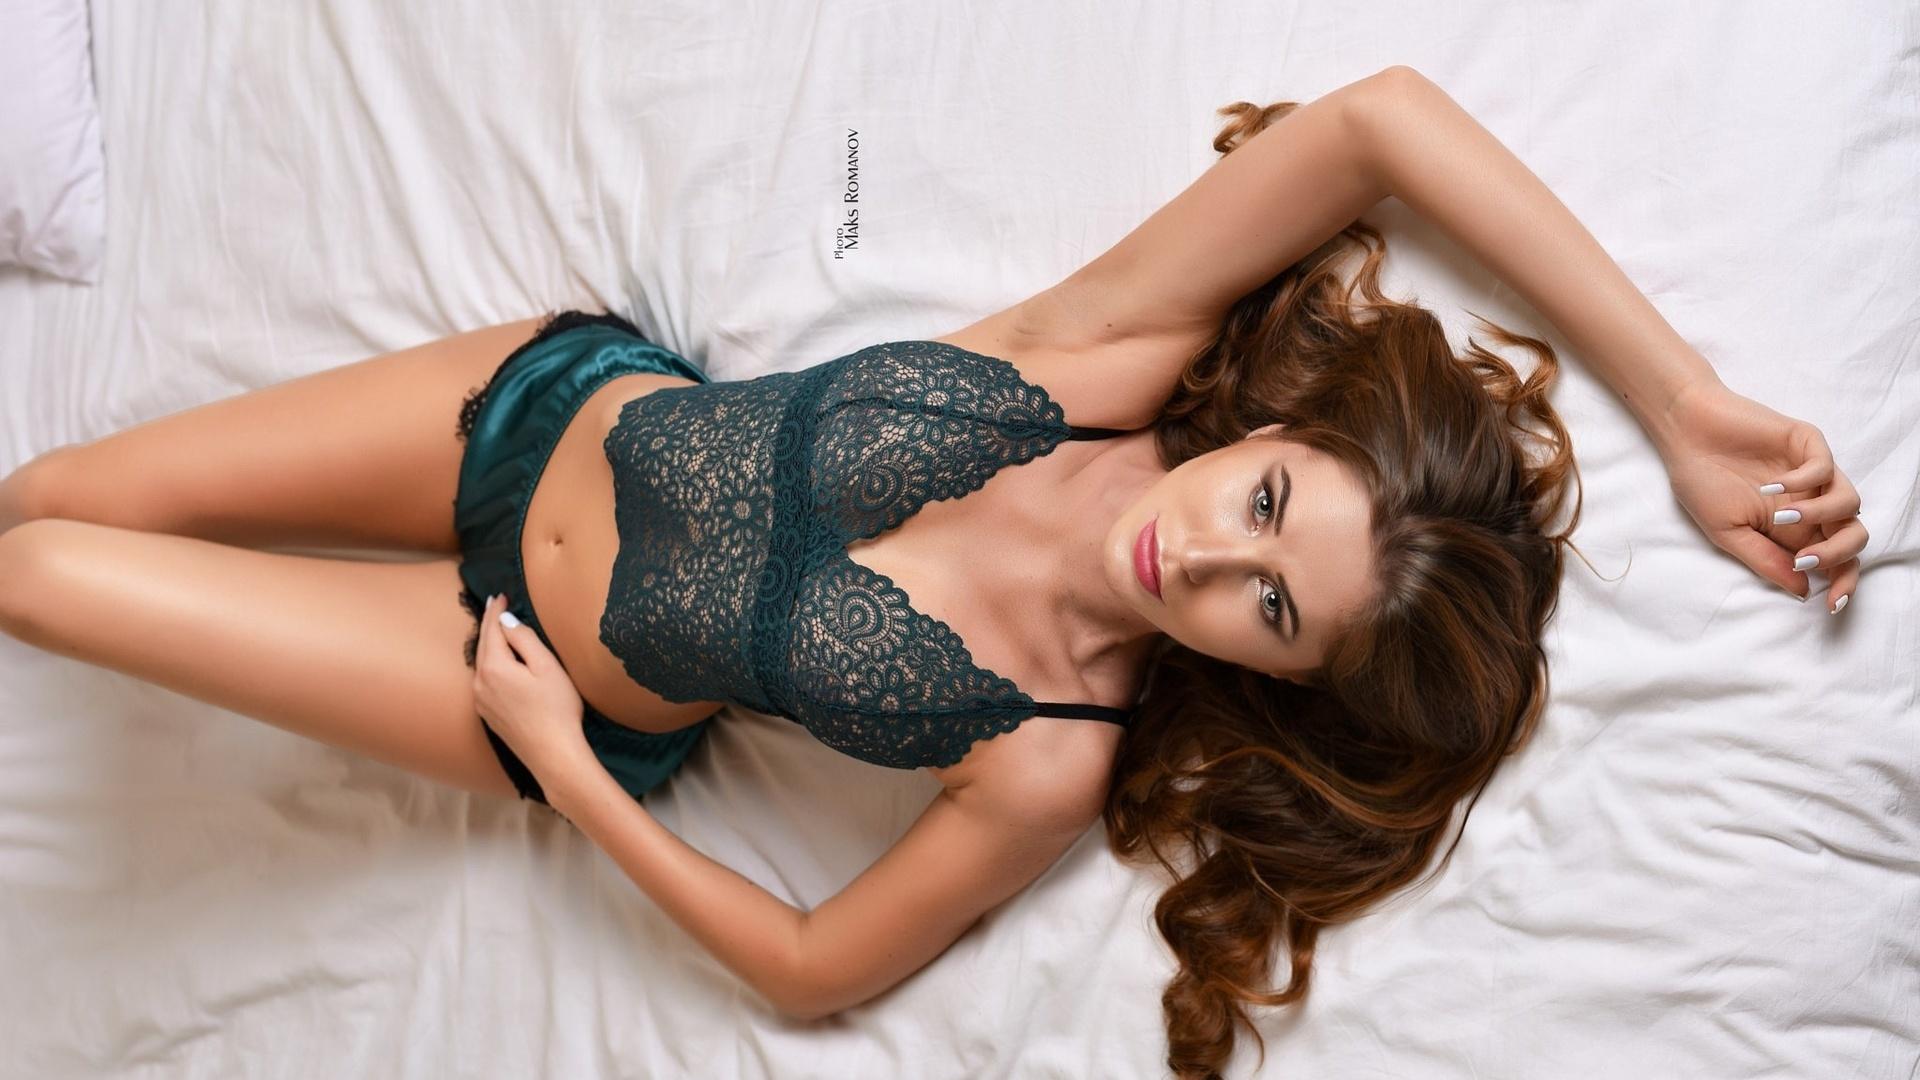 Сношения с красавицами, Порно с красотками онлайн бесплатно в хорошем 1 фотография